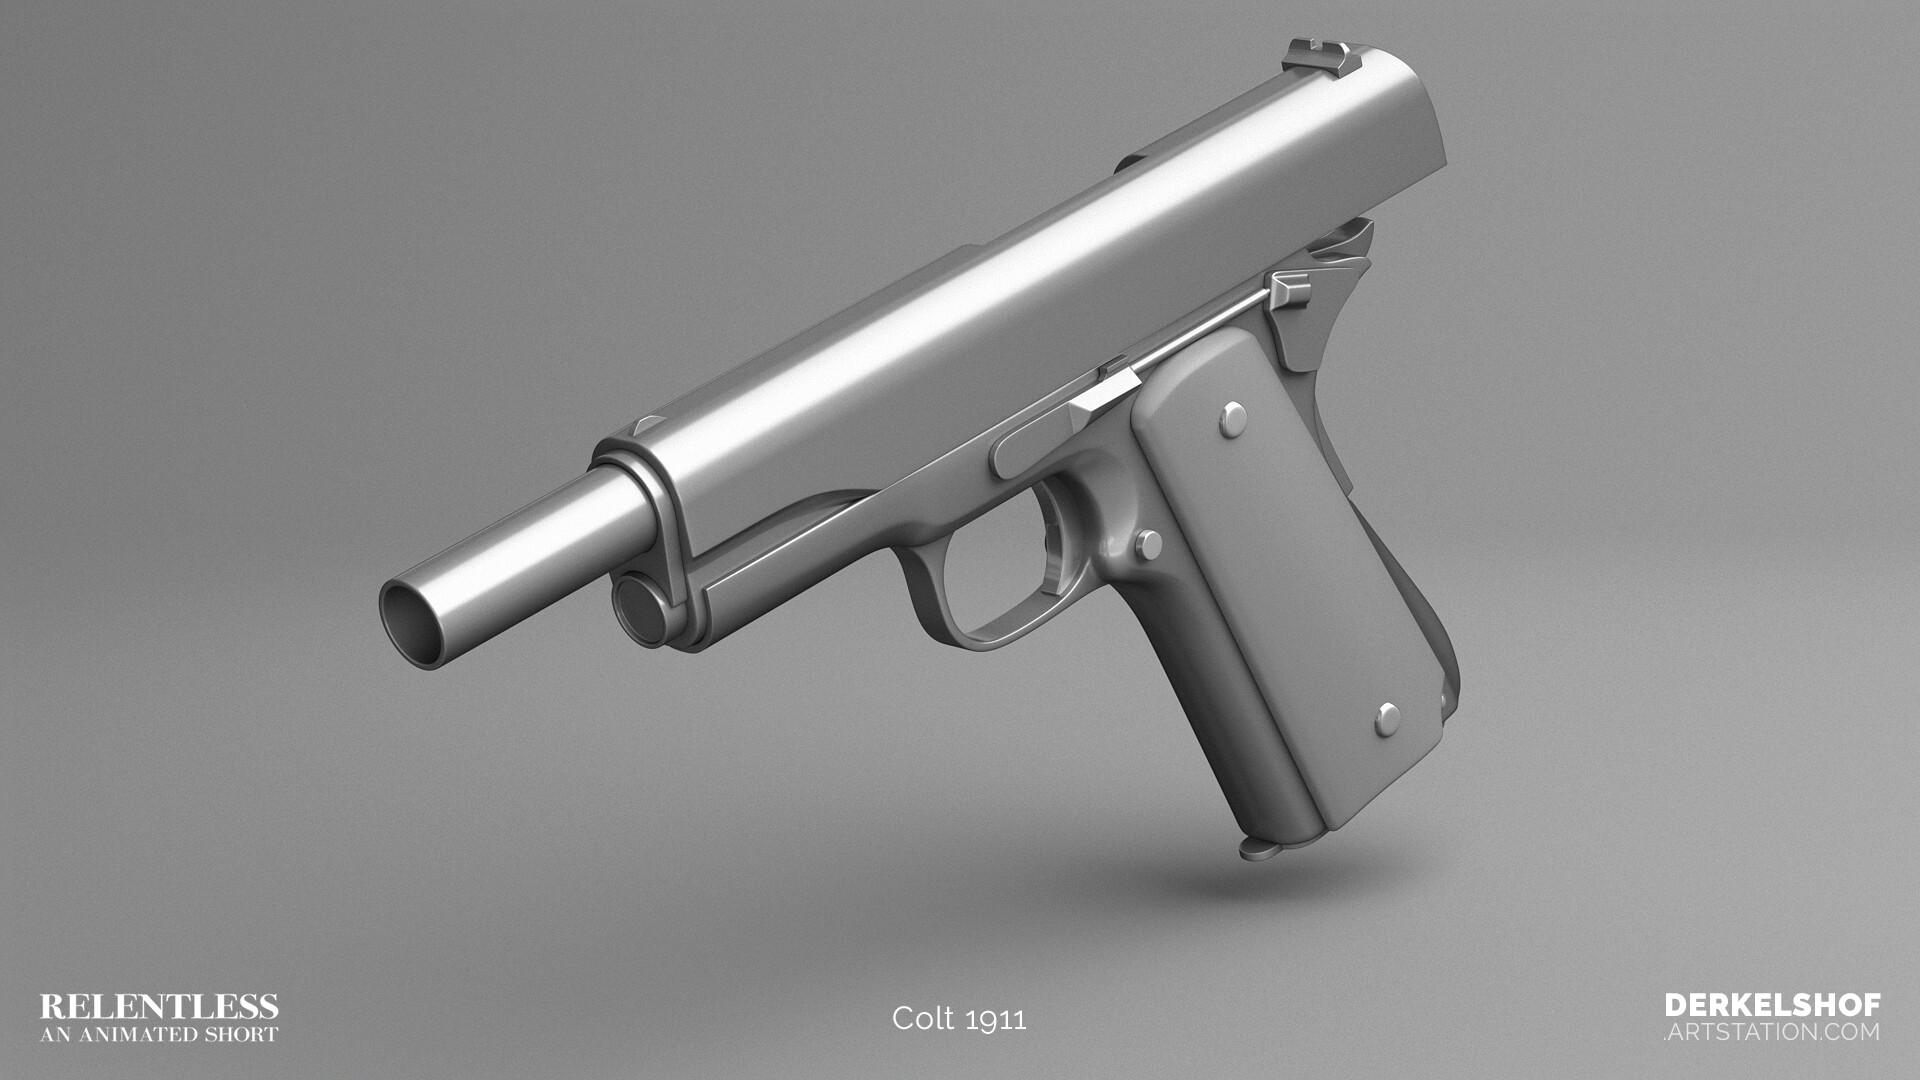 Derk elshof relentless gun 03